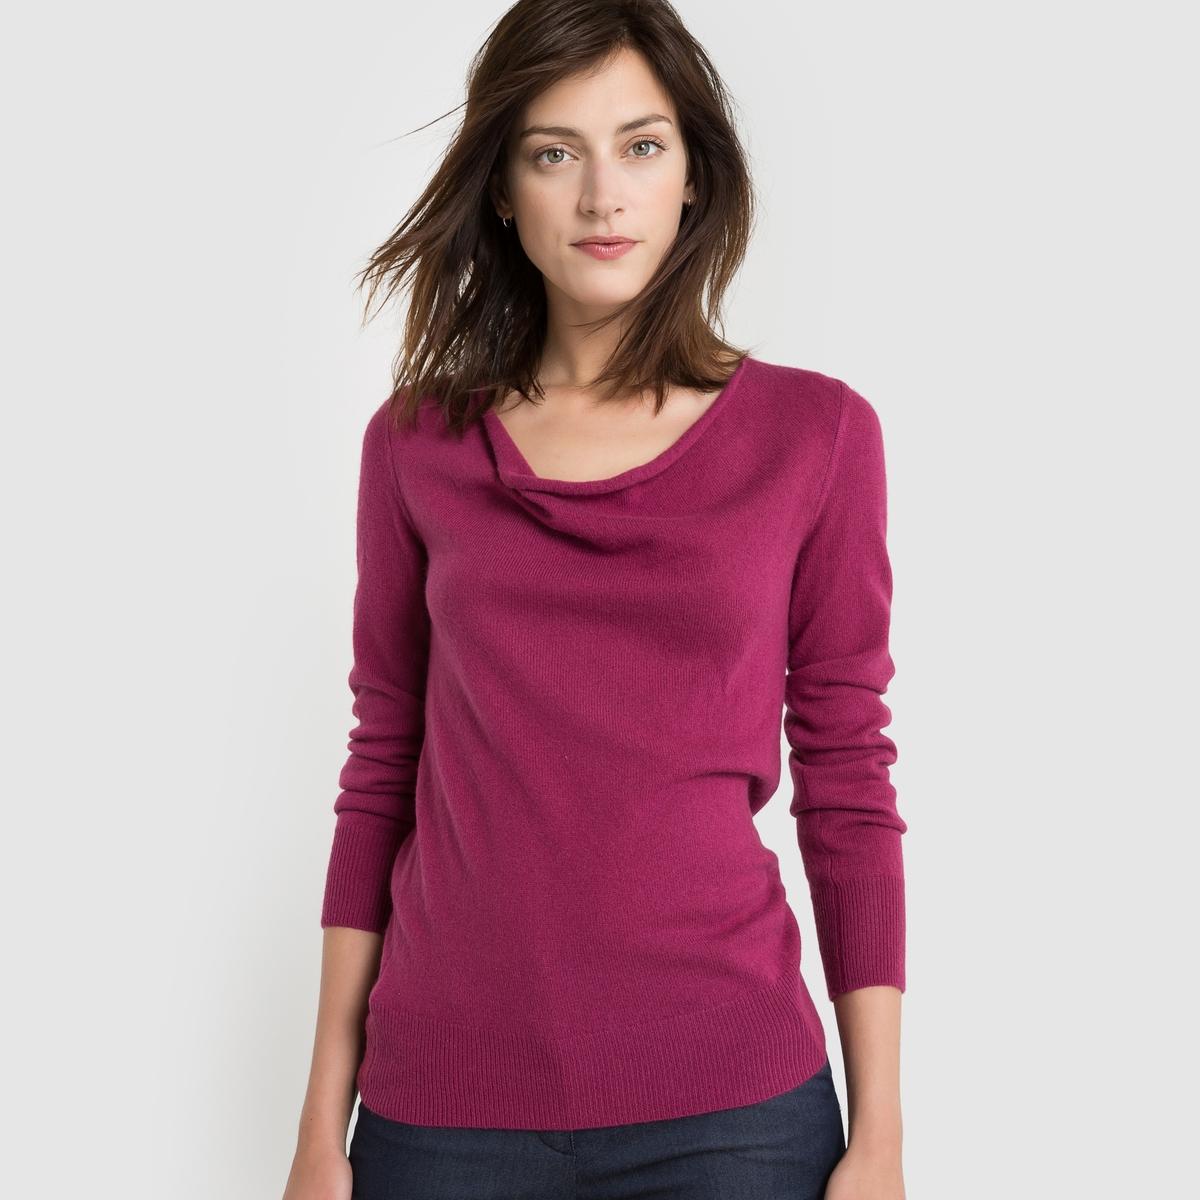 Пуловер с драпировкой на вырезе, 100% кашемира